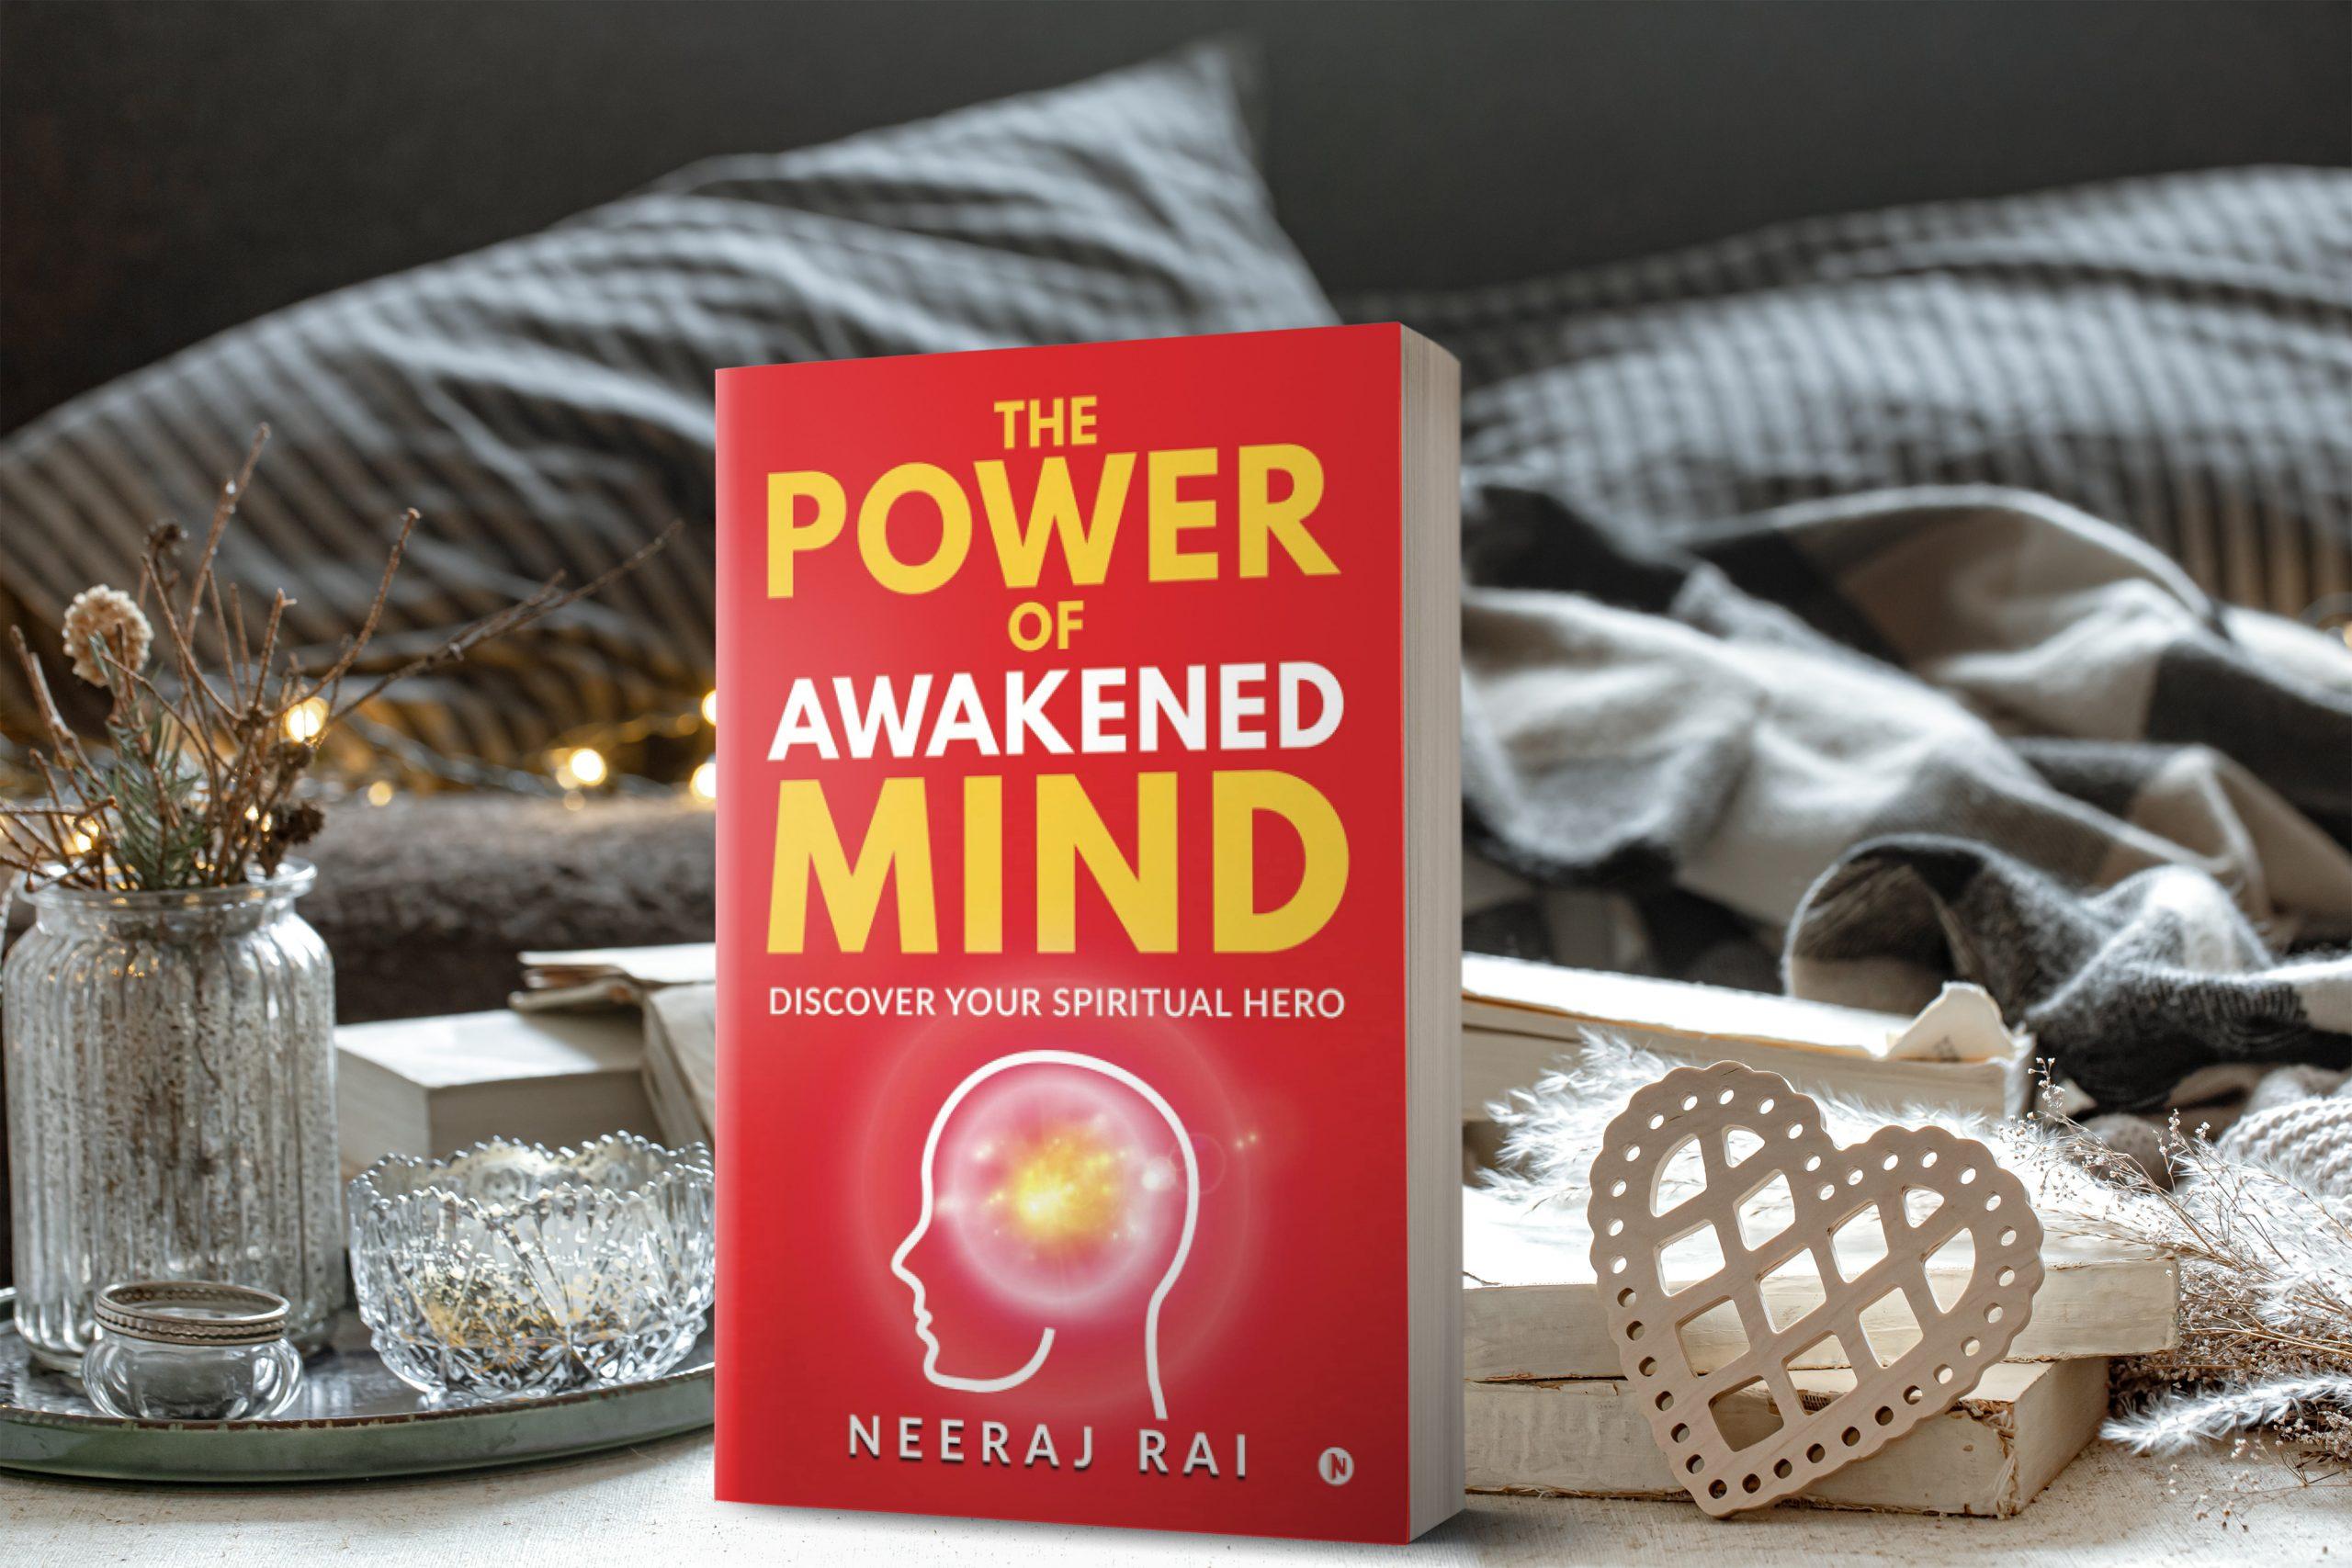 The Power Of Awakened Mind by Neeraj Rai